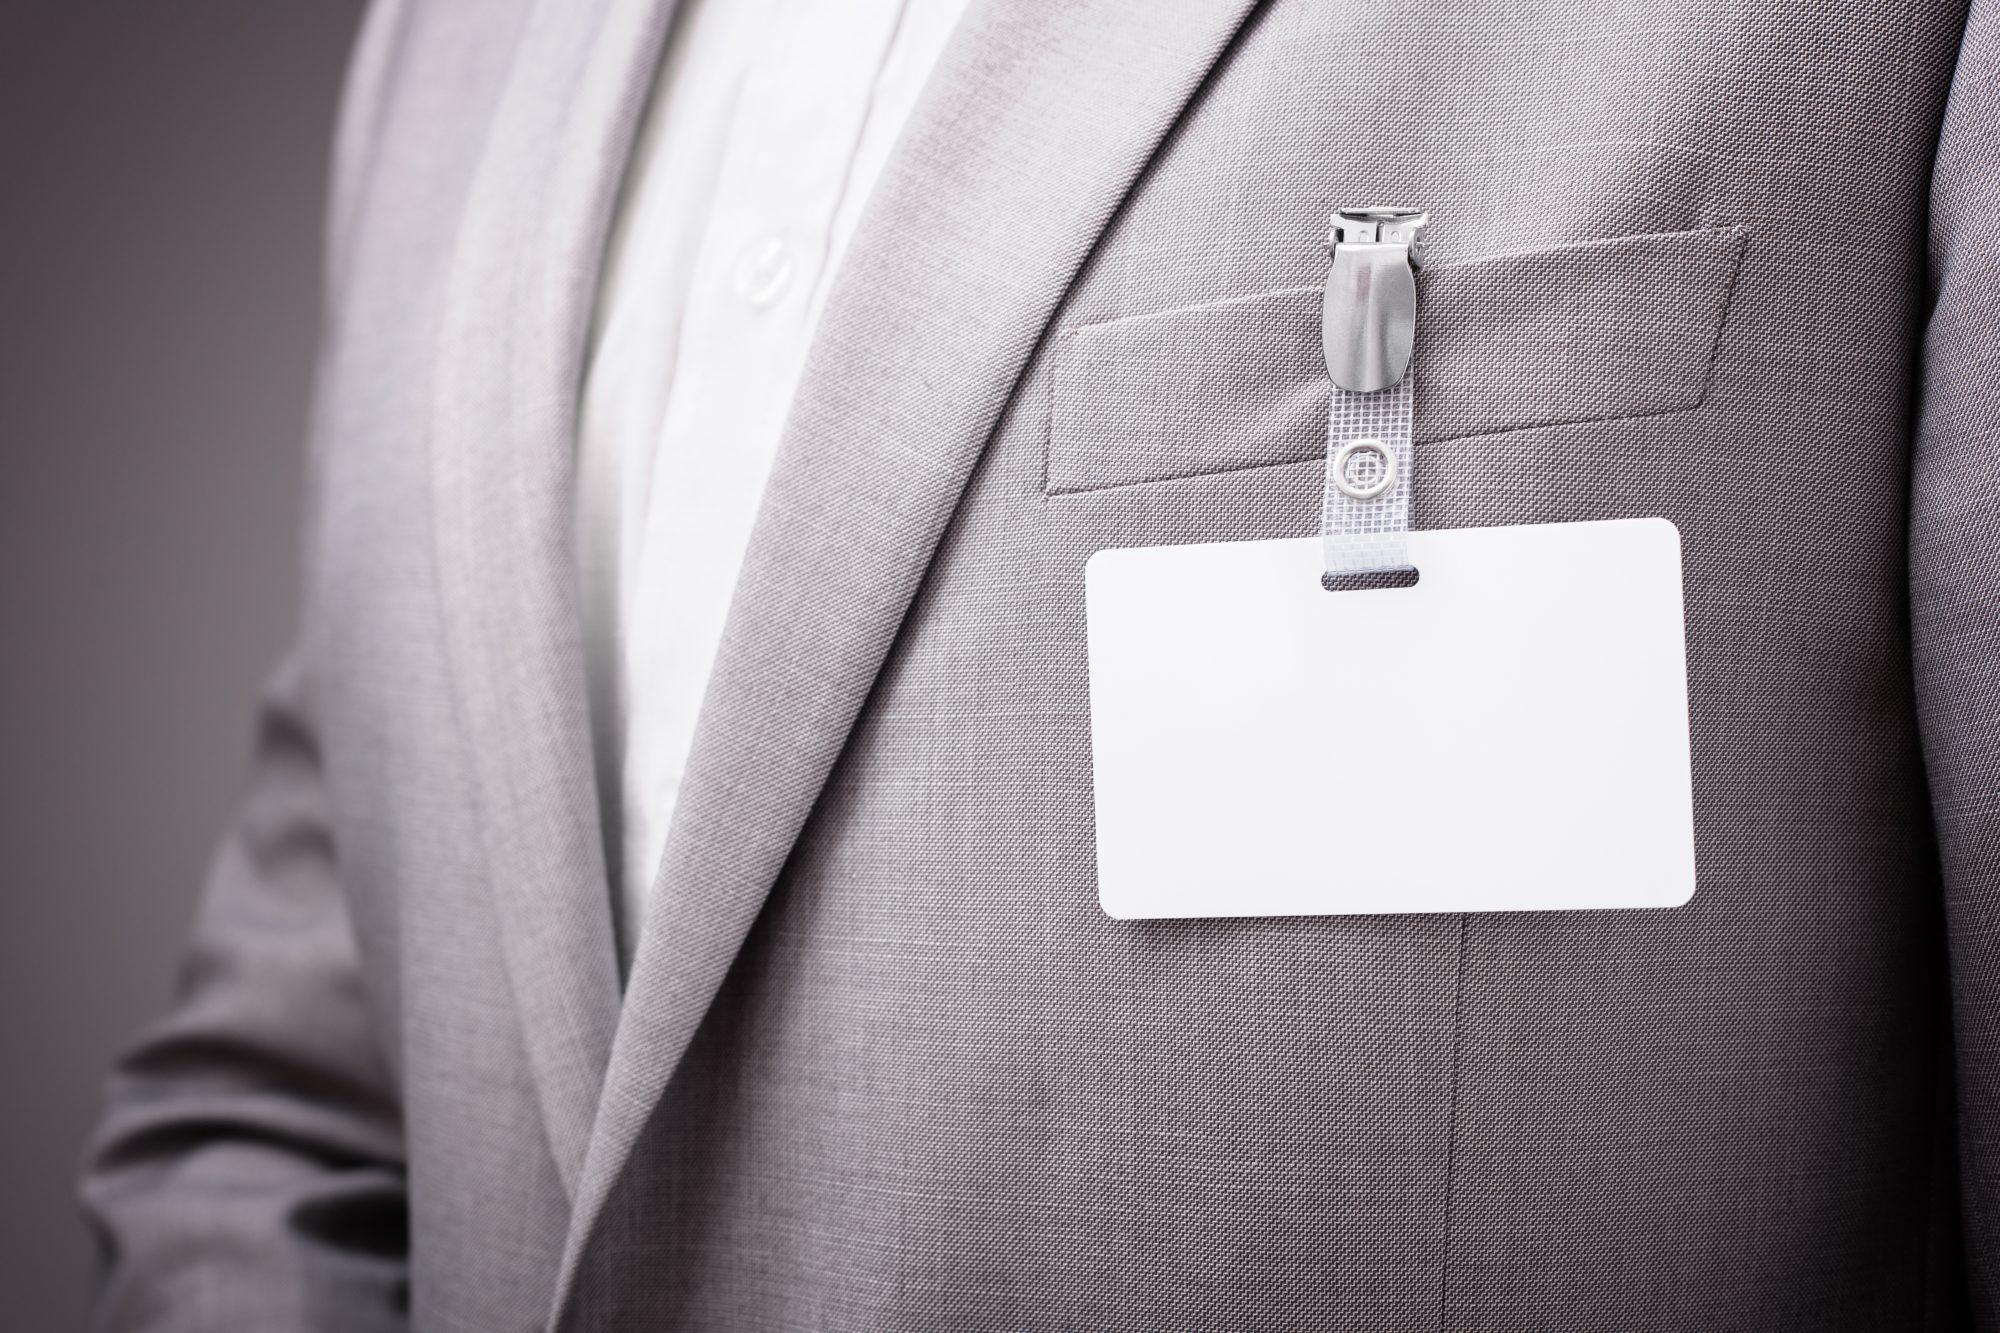 Kartenclip mit gelochter Ausweiskarte an Jacket-Tasche